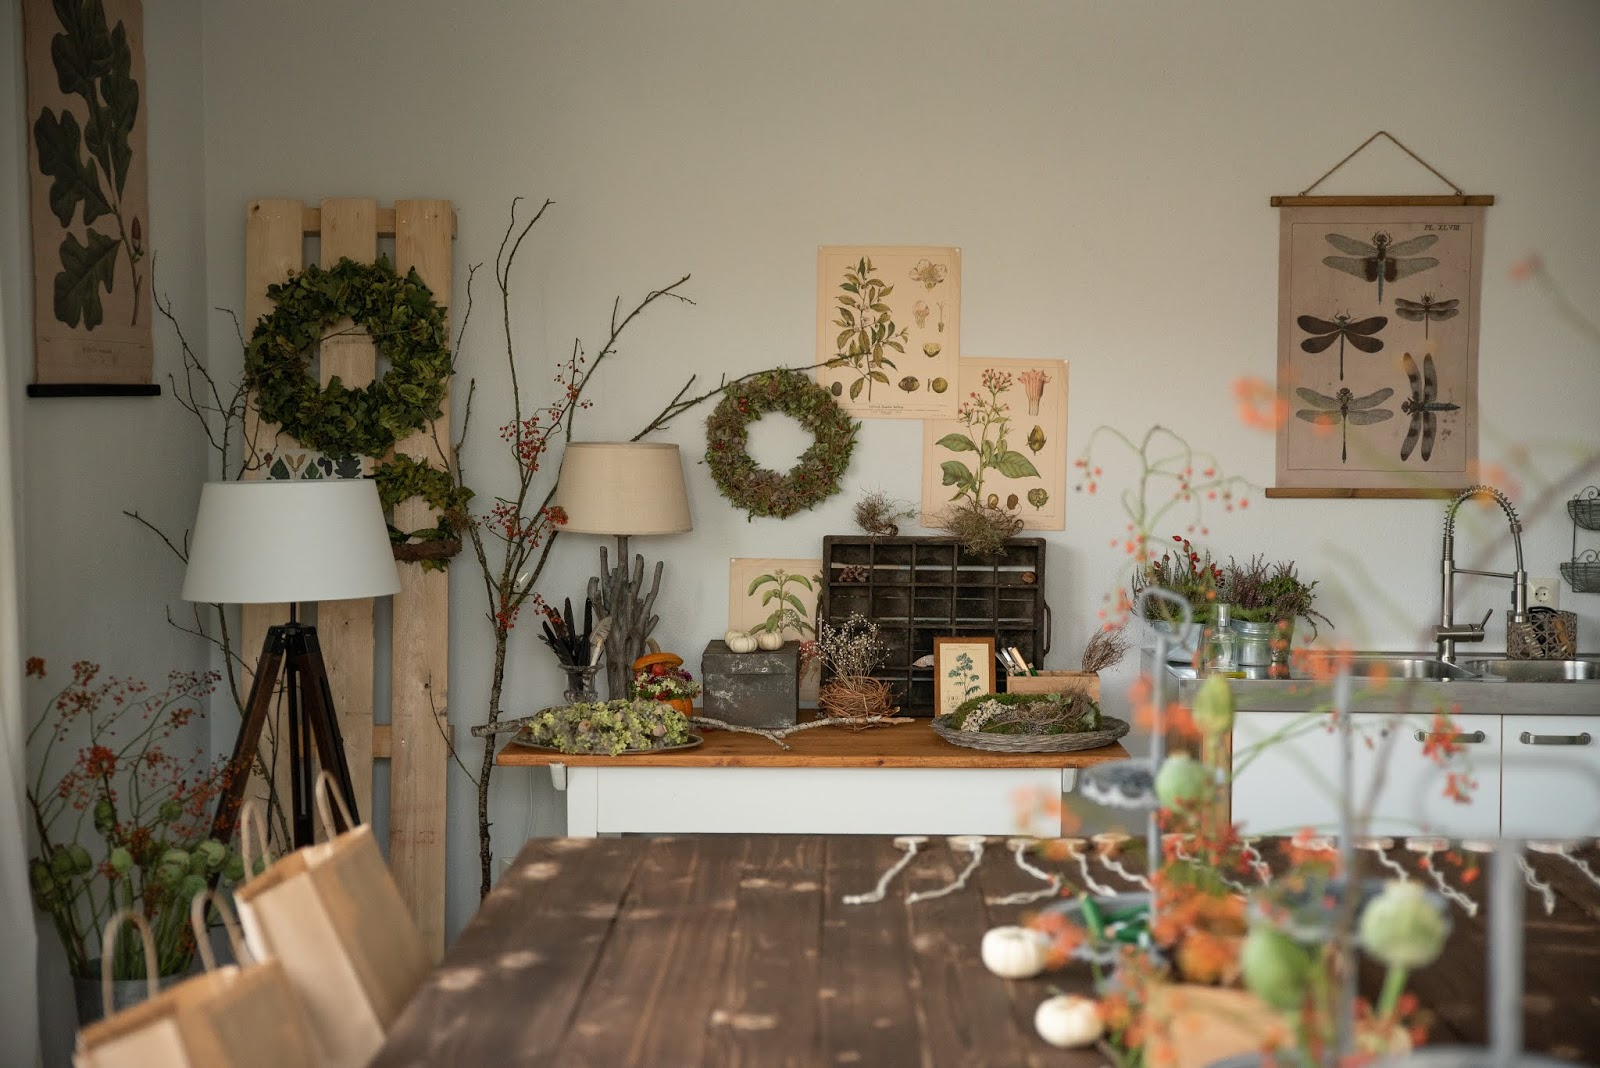 Kreativ Arbeiten in den Workshop Räumen: Naturdeko natürlich dekorieren und arbeiten